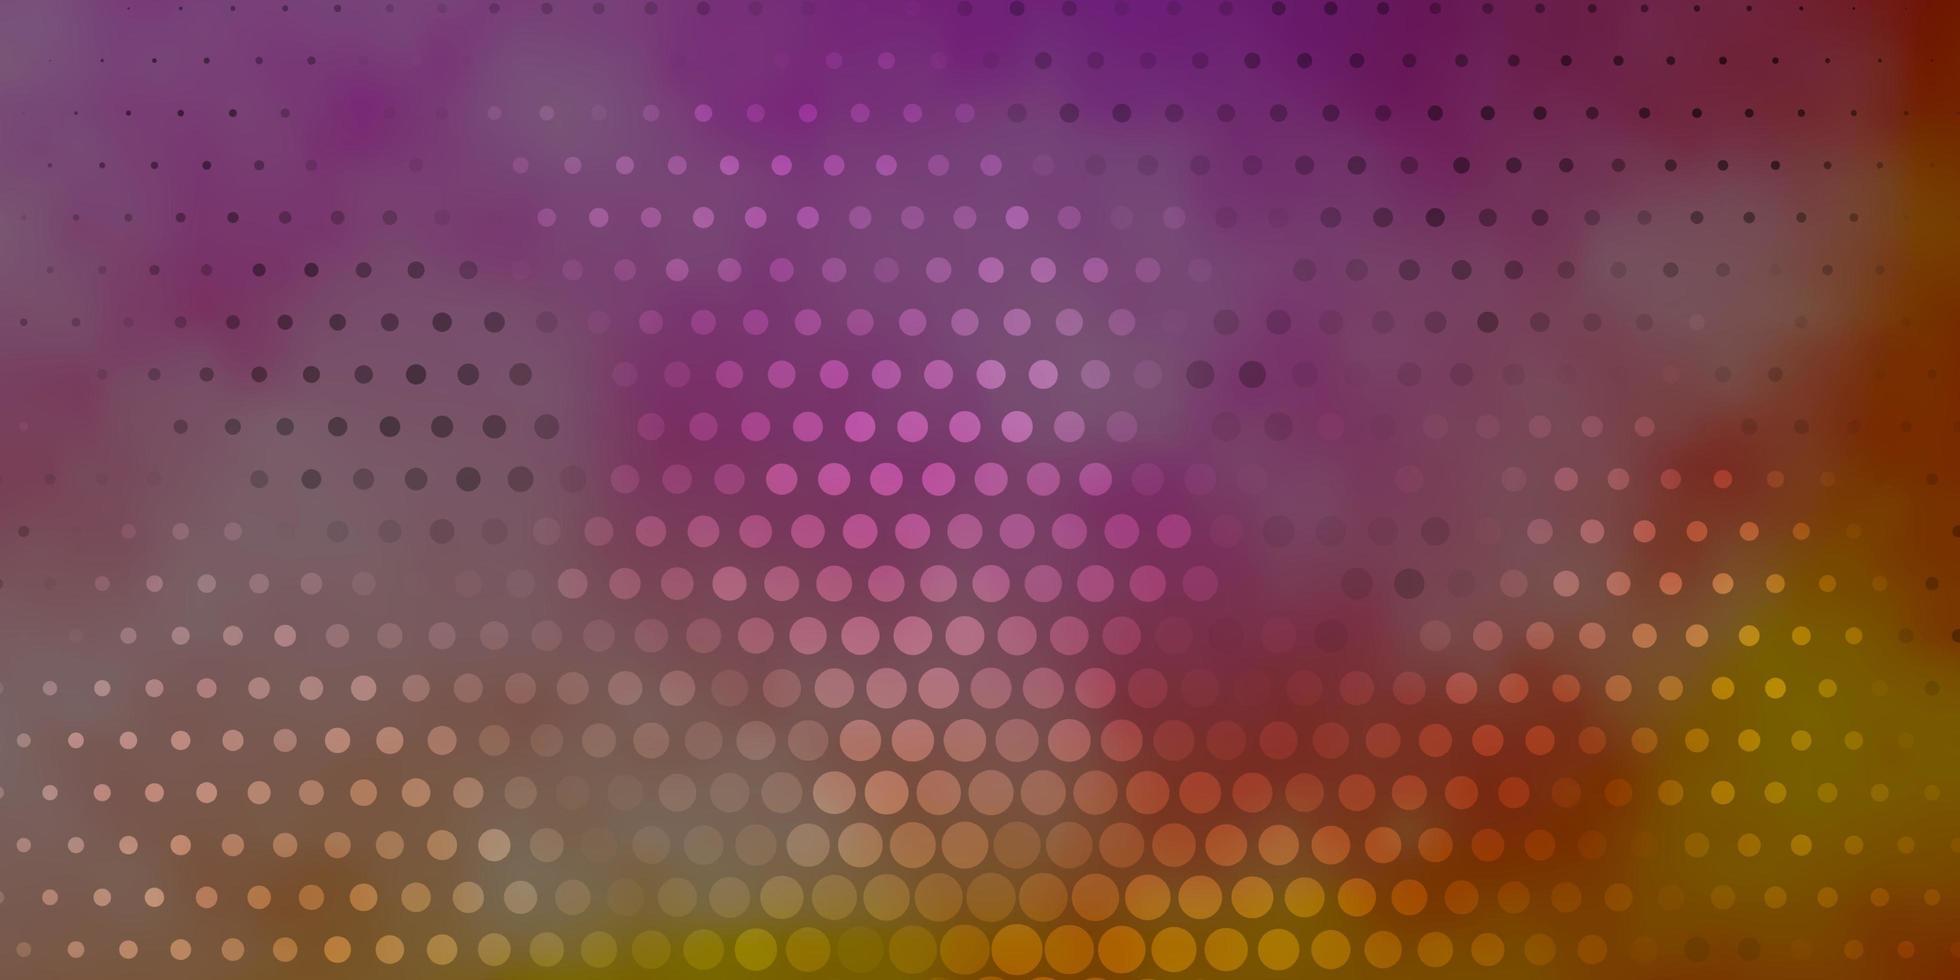 fundo rosa e amarelo escuro com círculos. vetor